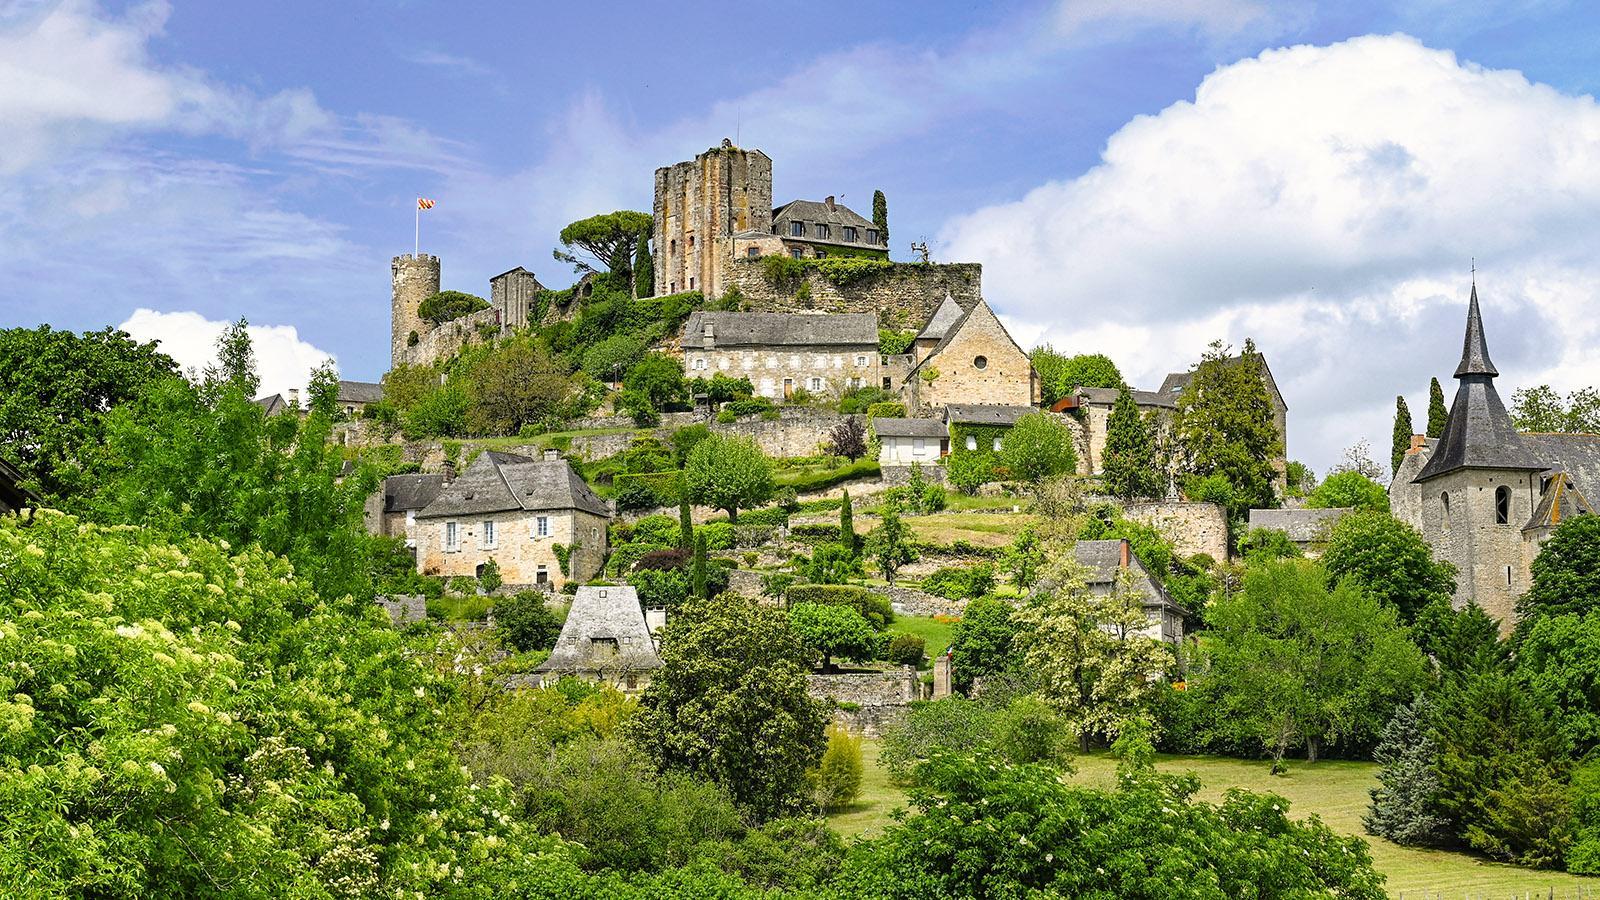 Die Burg Die Burg von Turenne und ihr Dorf. Foto: Hilke Maunder ihr Dorf. Foto: Hilke Maunder